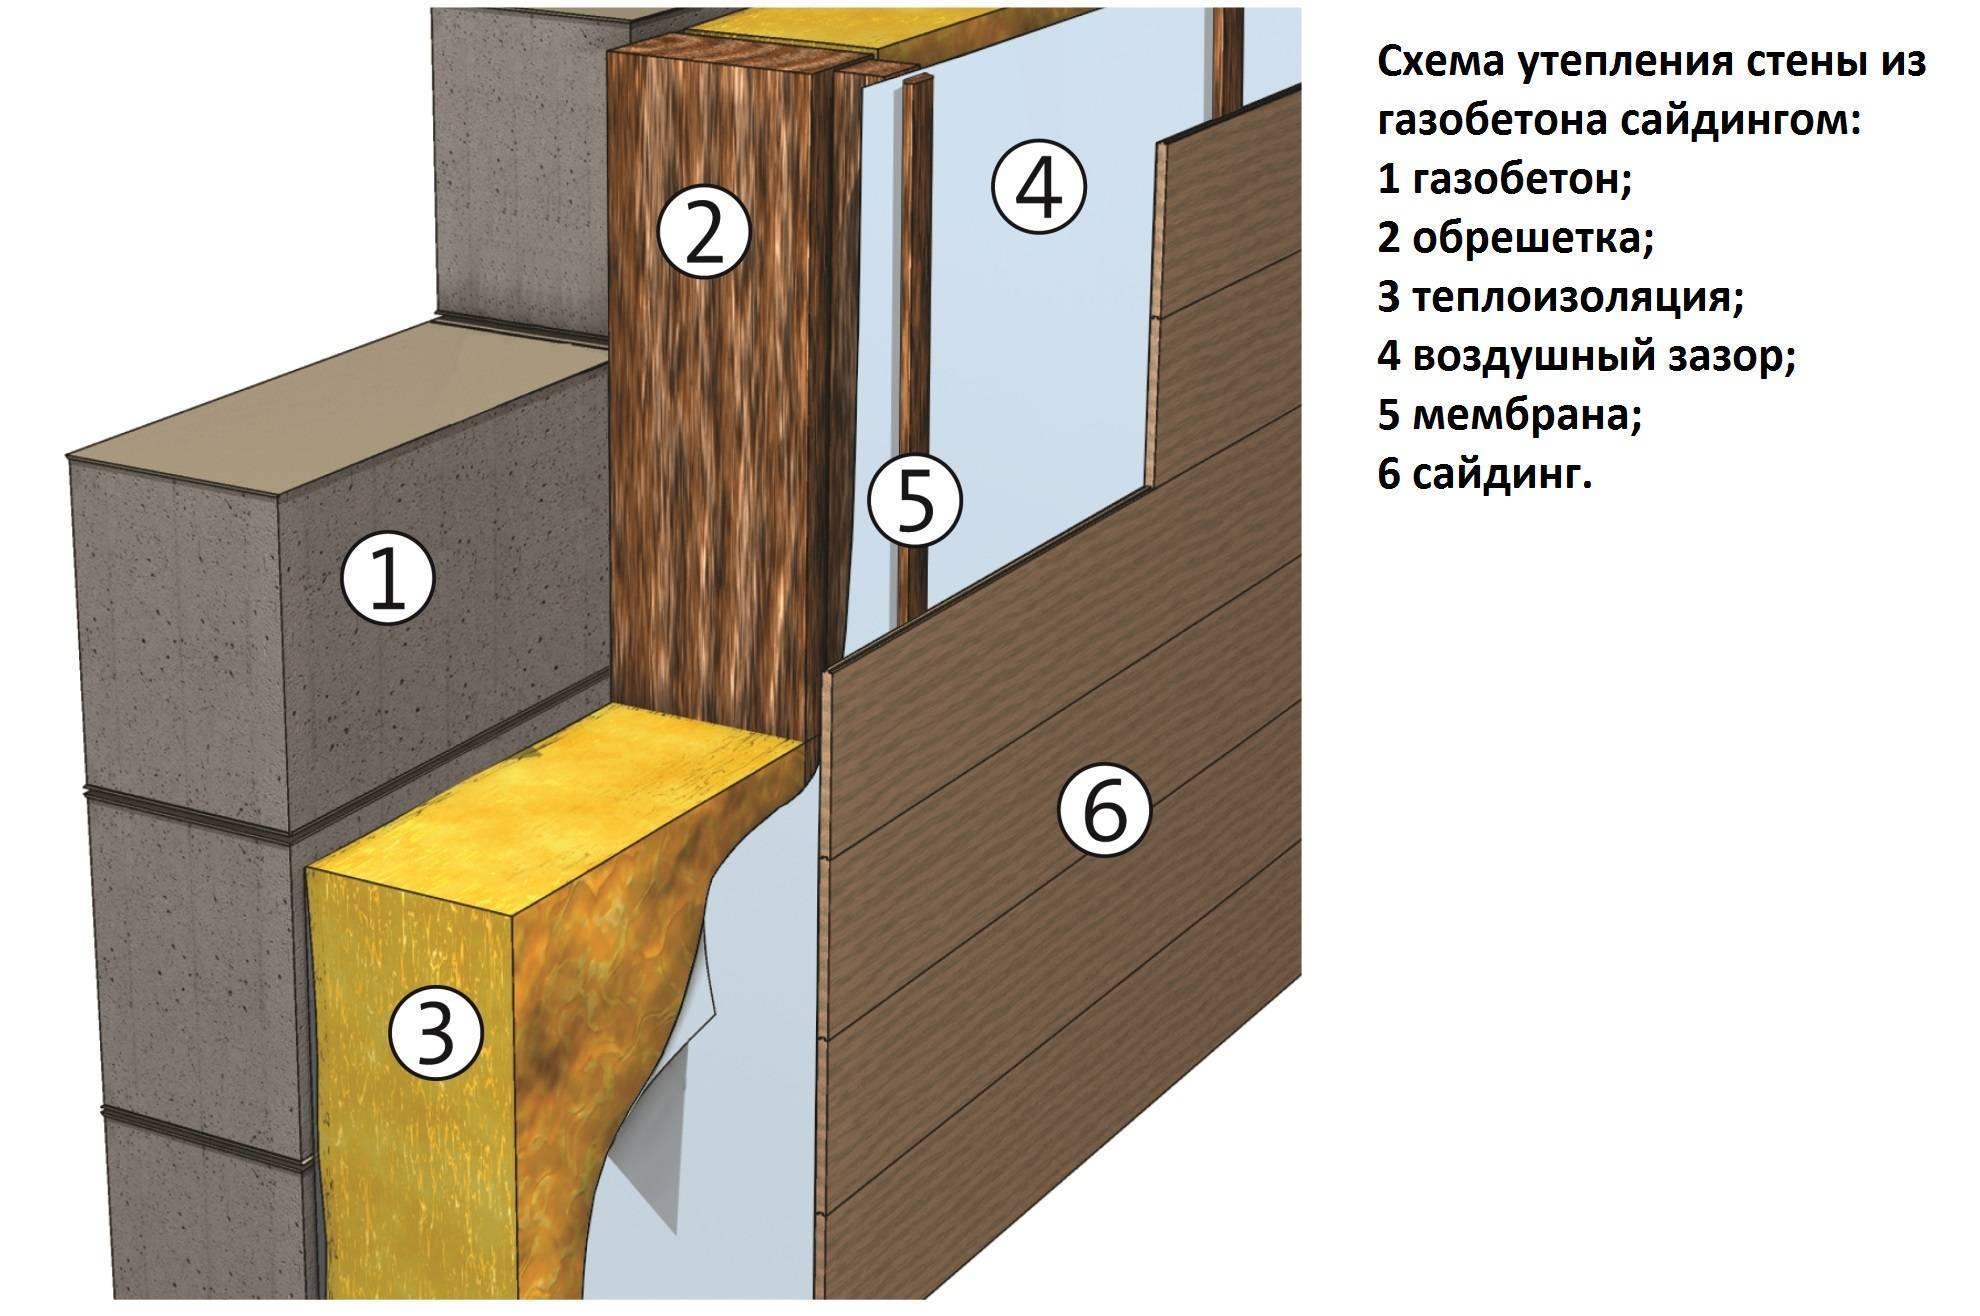 Cайдинг для дома из пеноблоков: как правильно обшить, монтаж